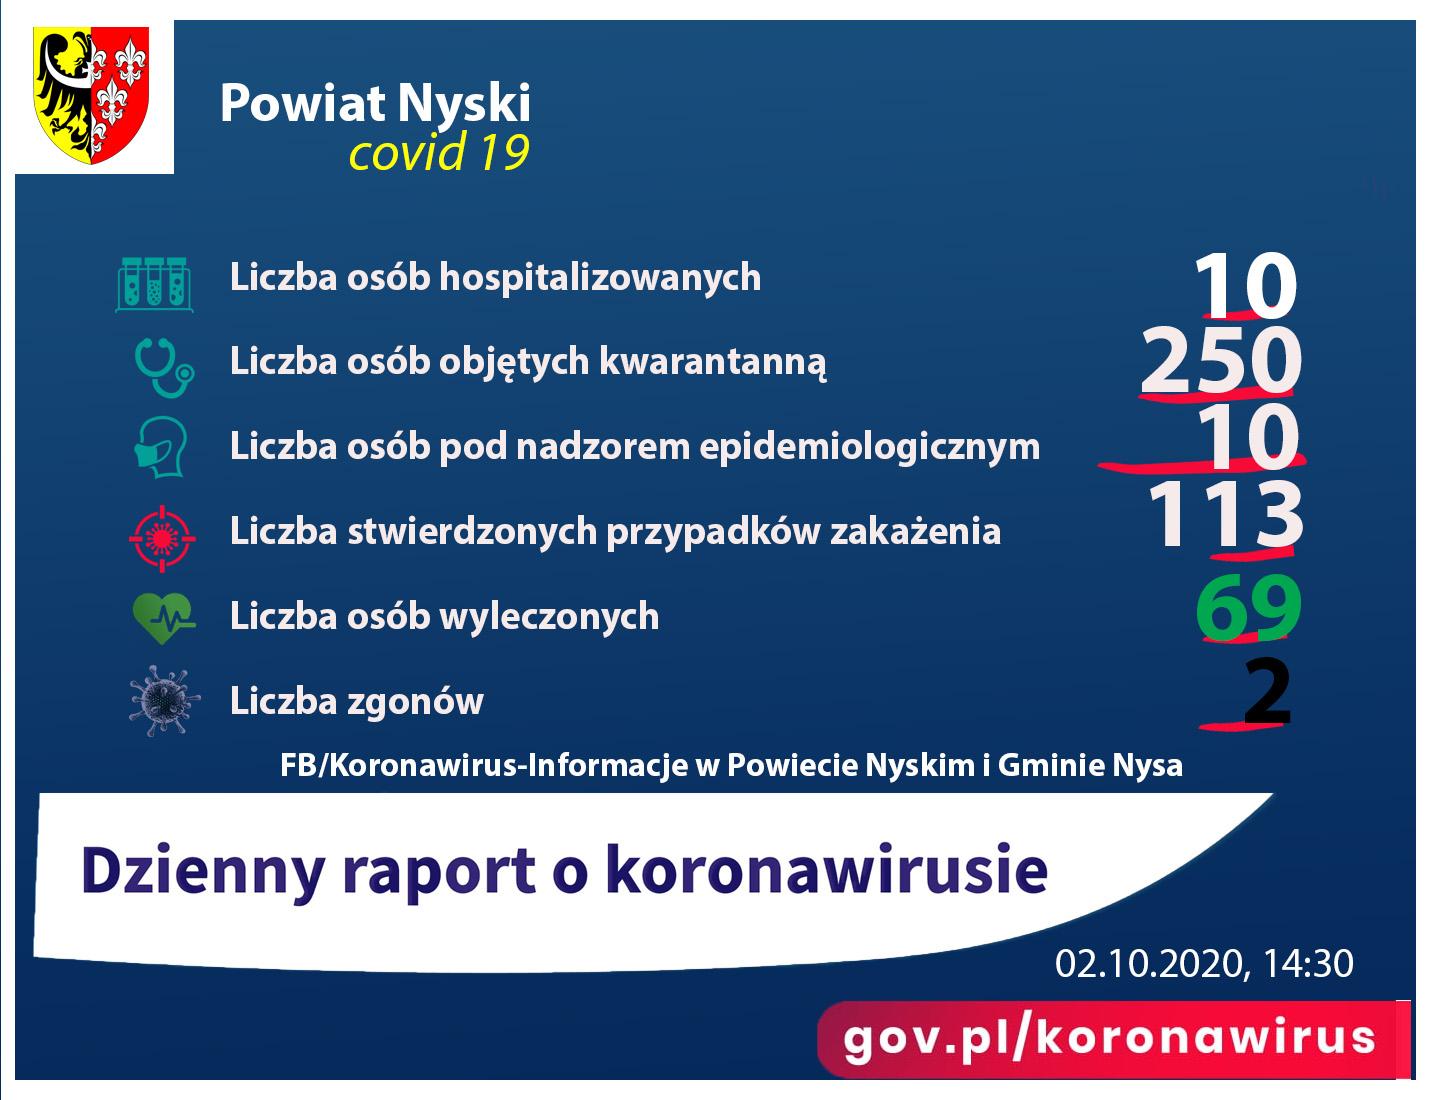 Raport - liczba zakażonych 113, ozdrowieńców 69, zgony 2, pod nadzorem 10, kwarantanna 250